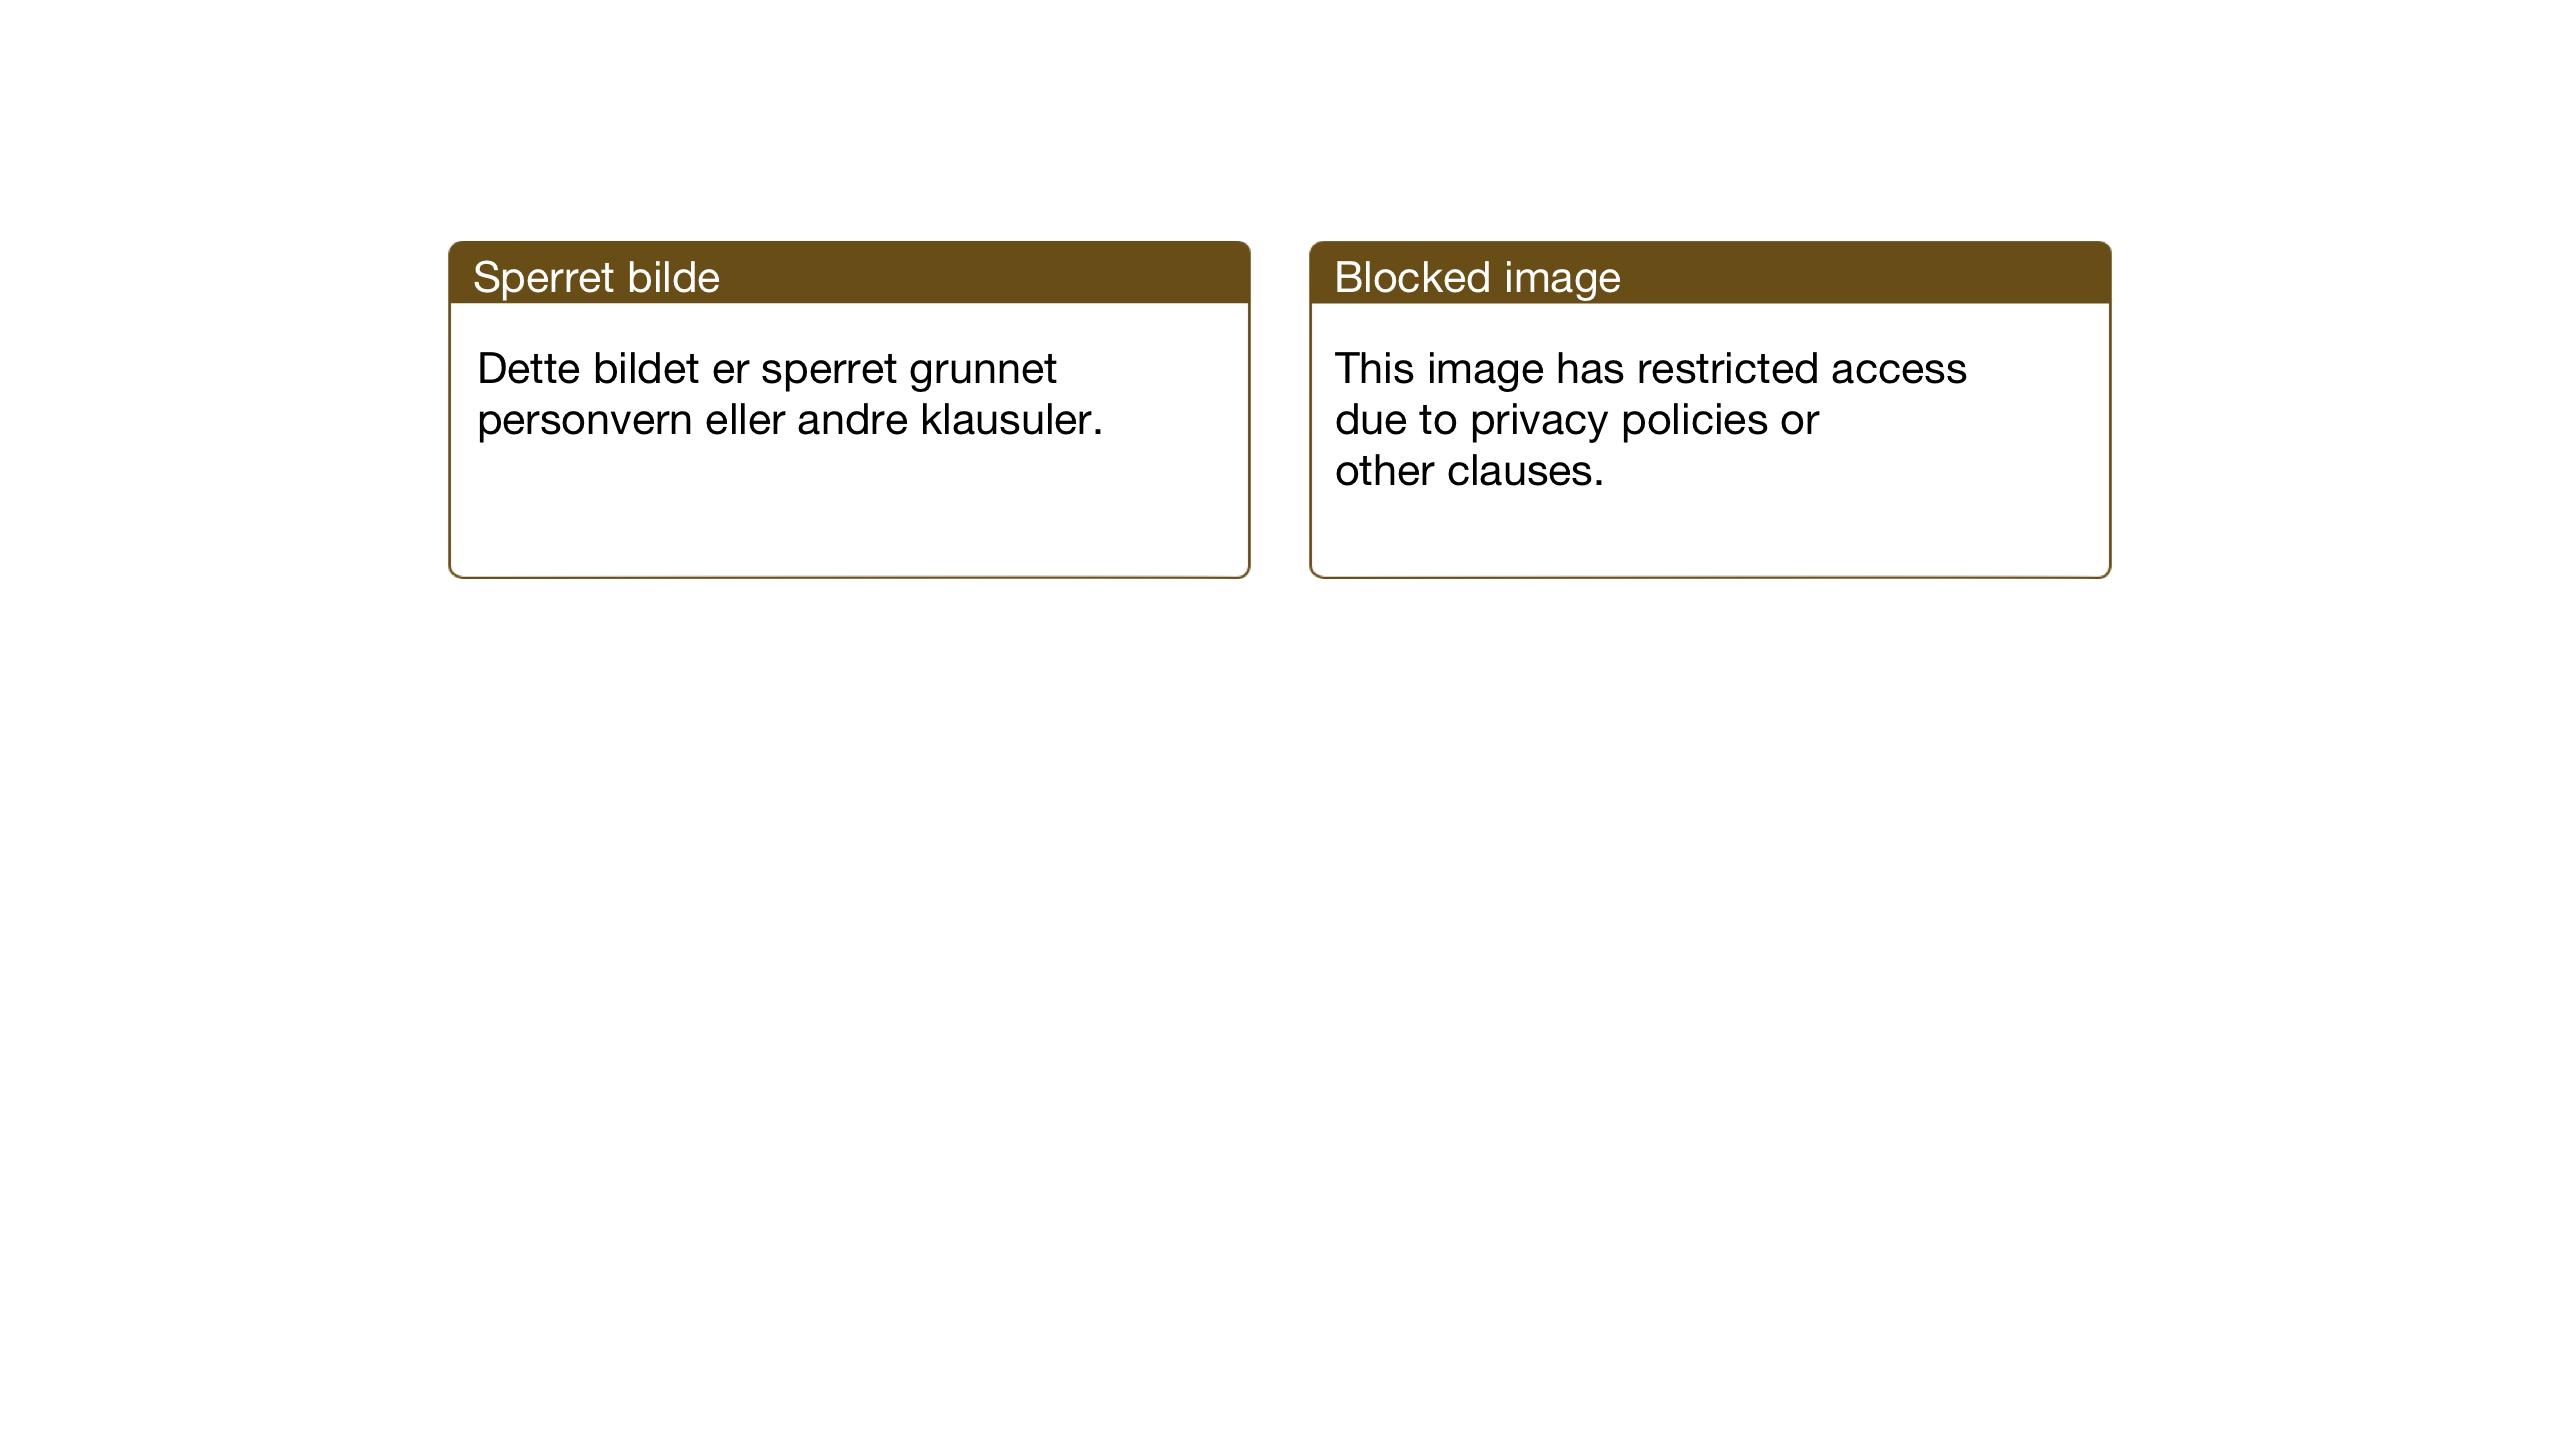 SAT, Ministerialprotokoller, klokkerbøker og fødselsregistre - Nord-Trøndelag, 714/L0136: Klokkerbok nr. 714C05, 1918-1957, s. 51